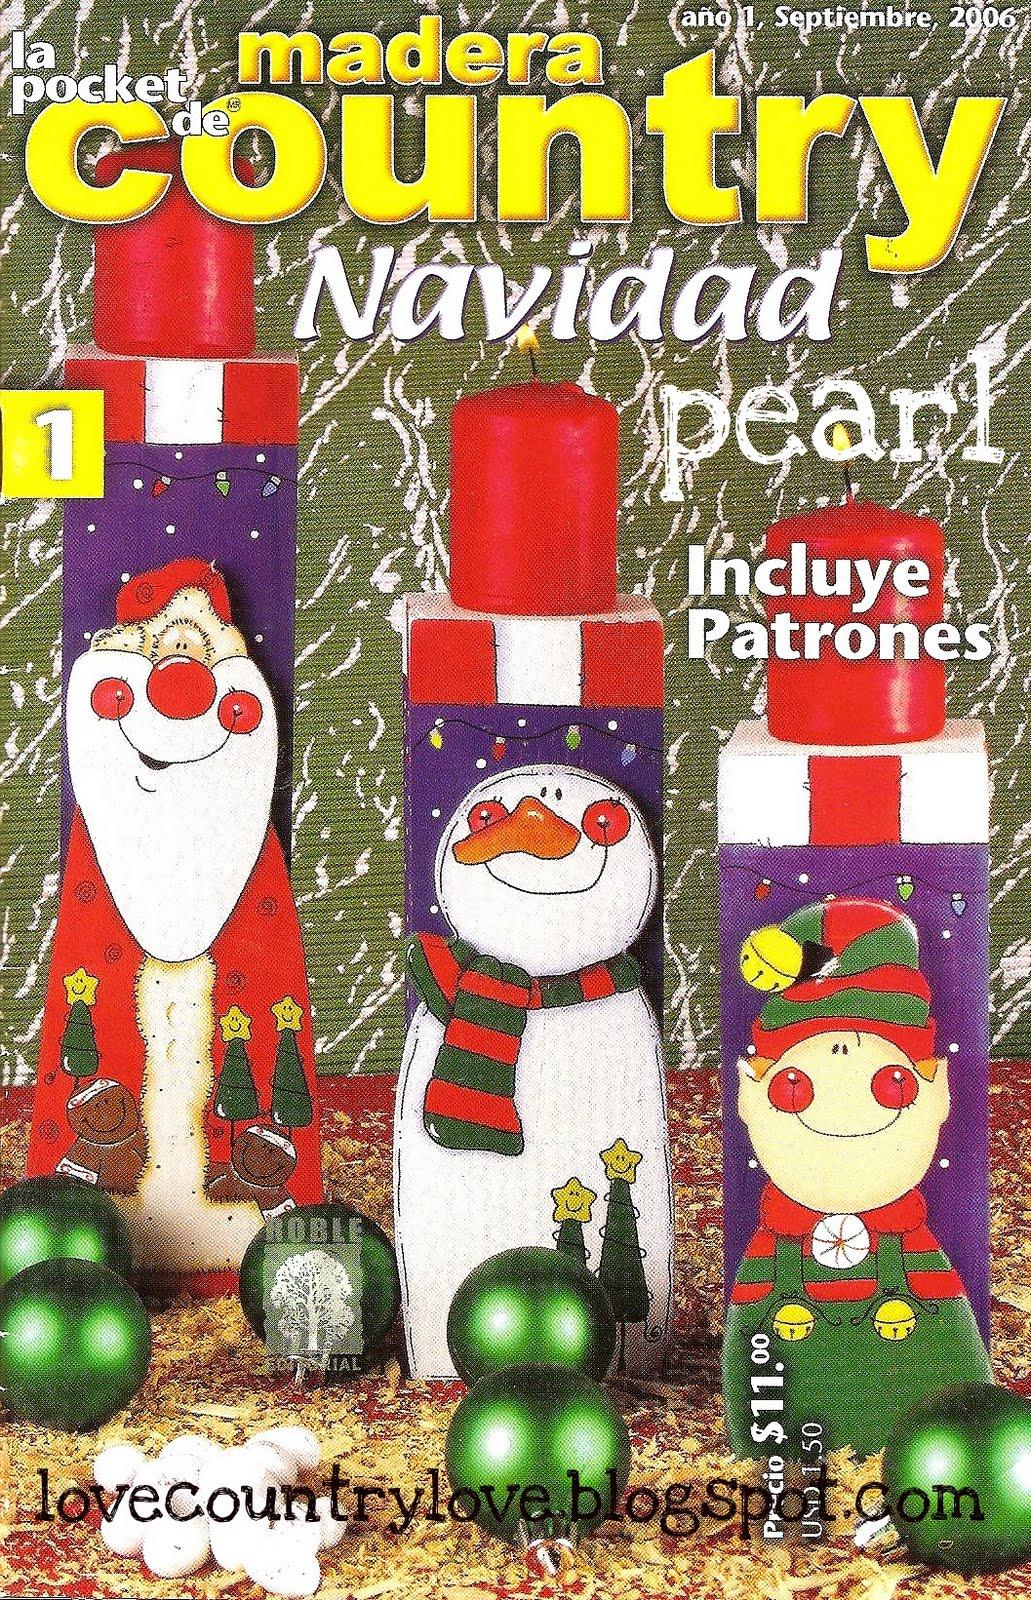 Lovecountrylove La Pocket De Madera Country Navidad 1